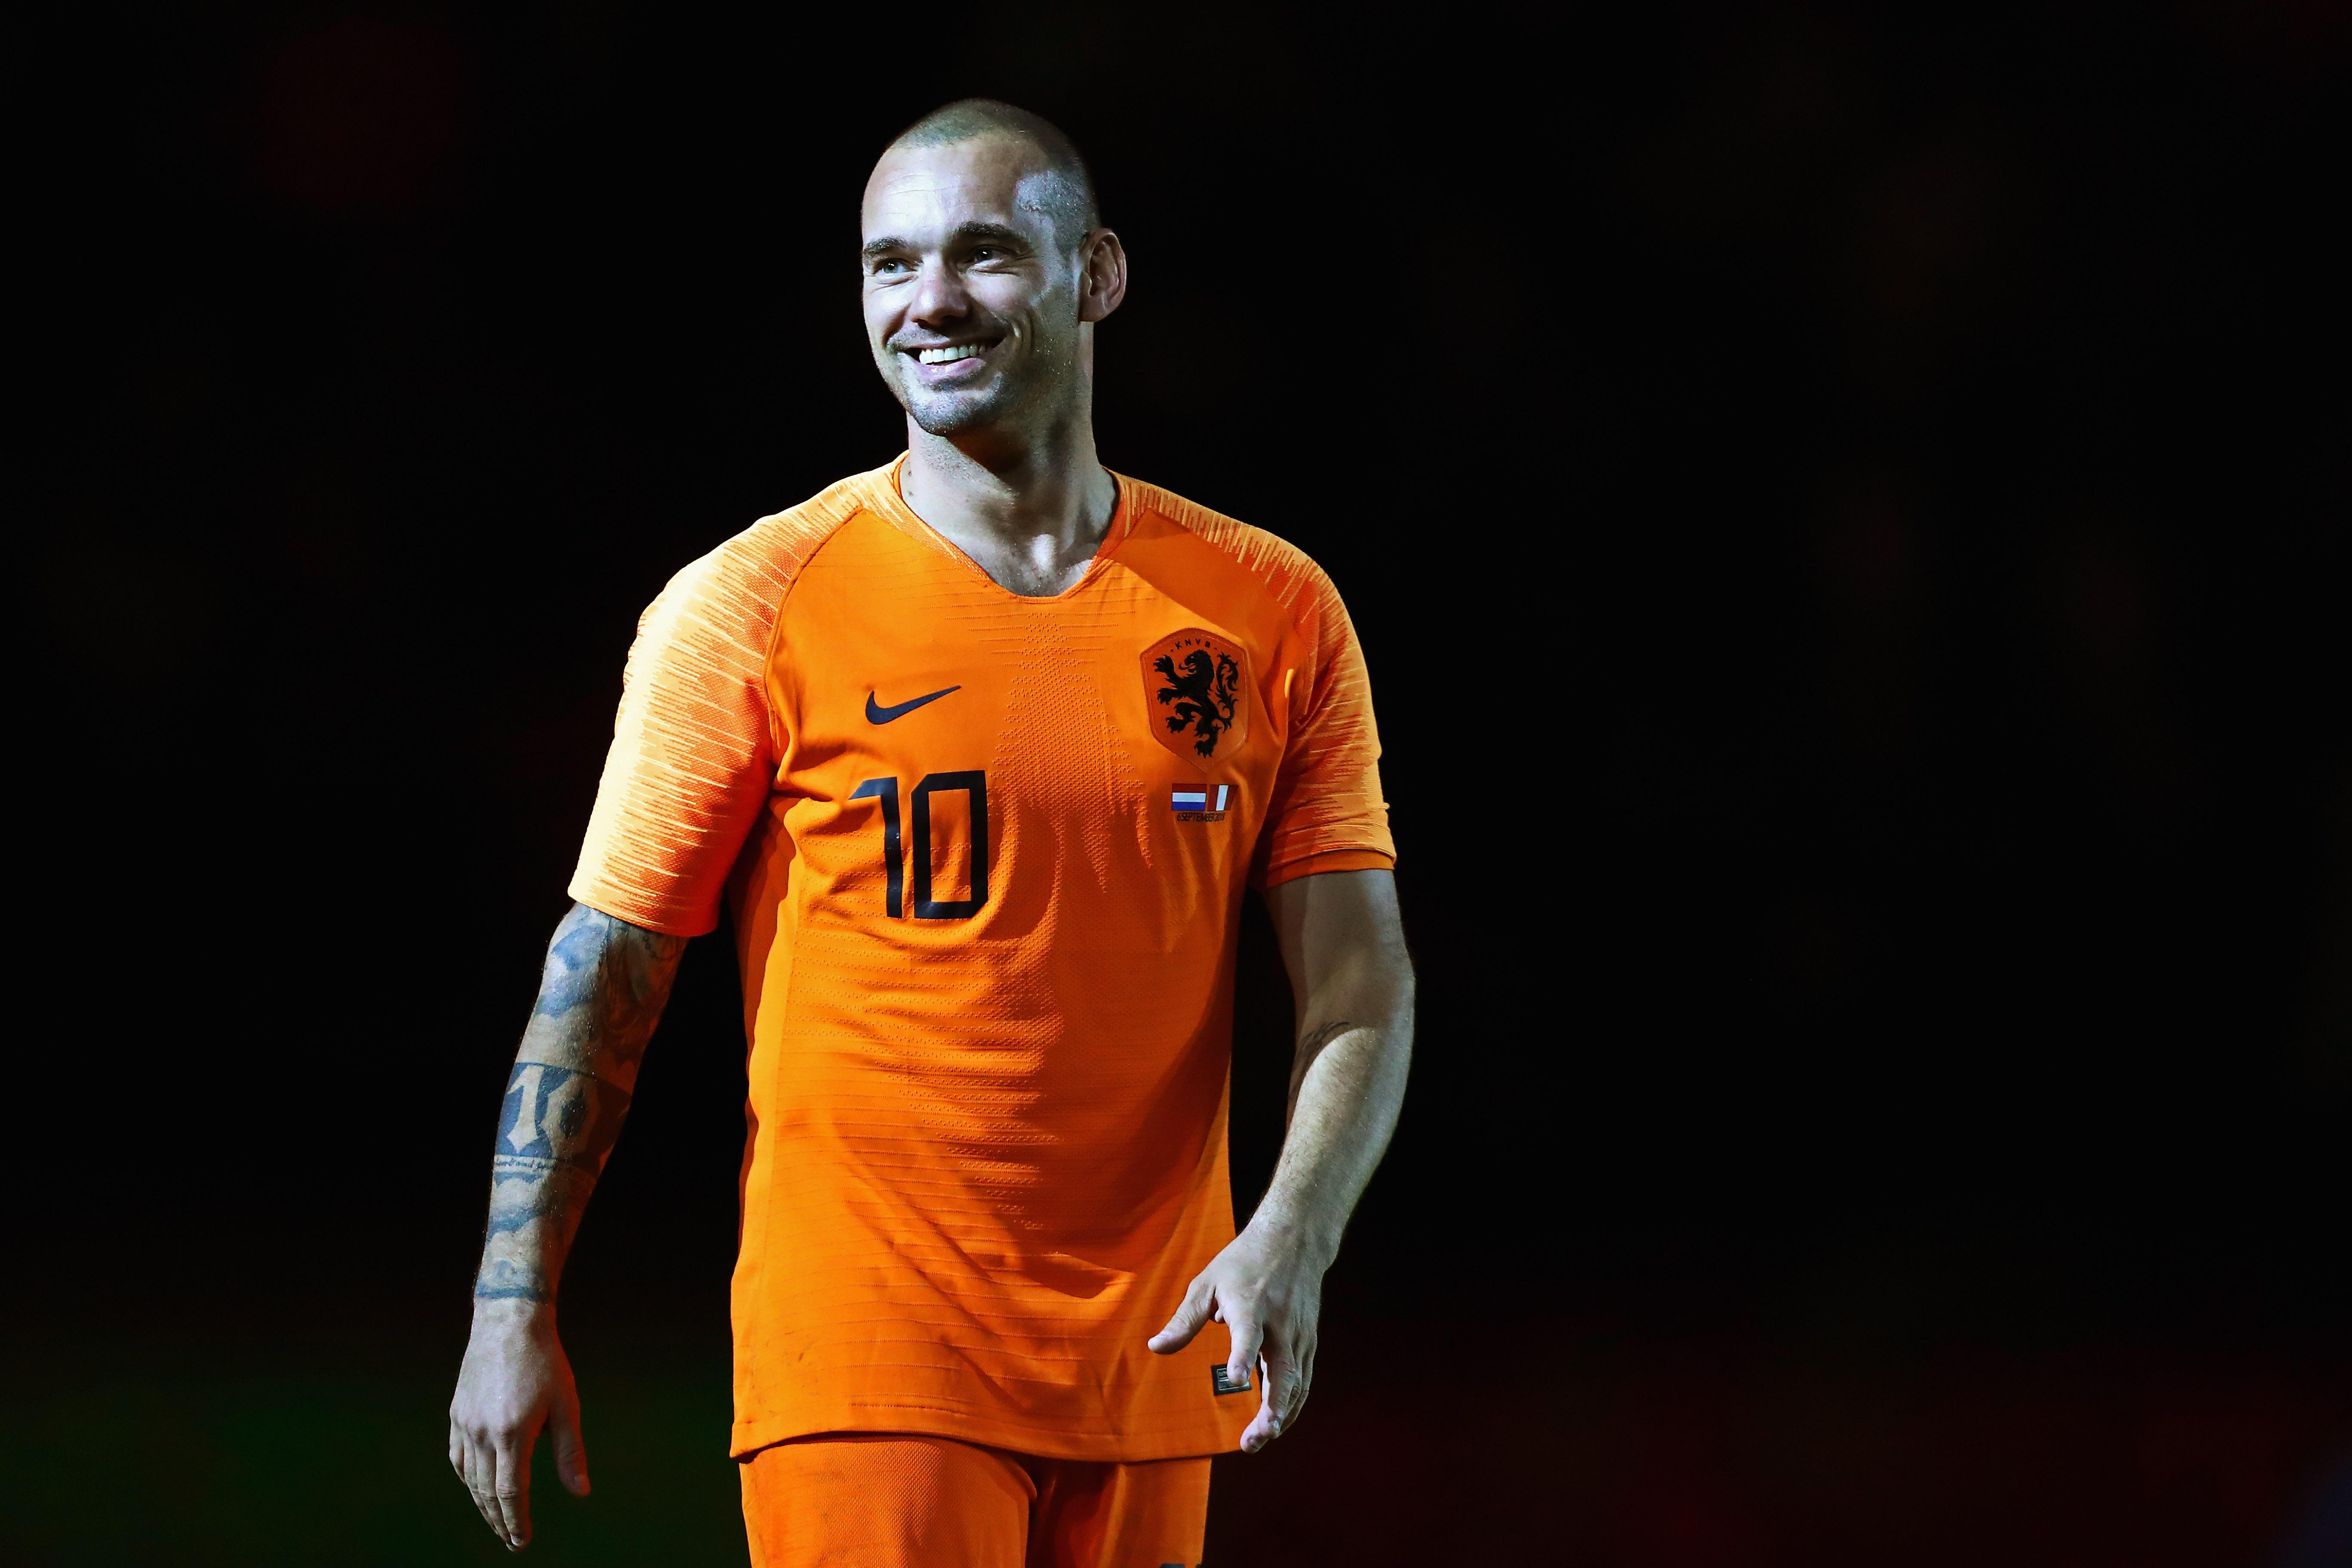 Addio annunciato a marzo per Wesley Sneijder, ma i saluti ufficiali sono arrivati il 6 settembre: grande festa dopo l'amichevole contro il Perù.